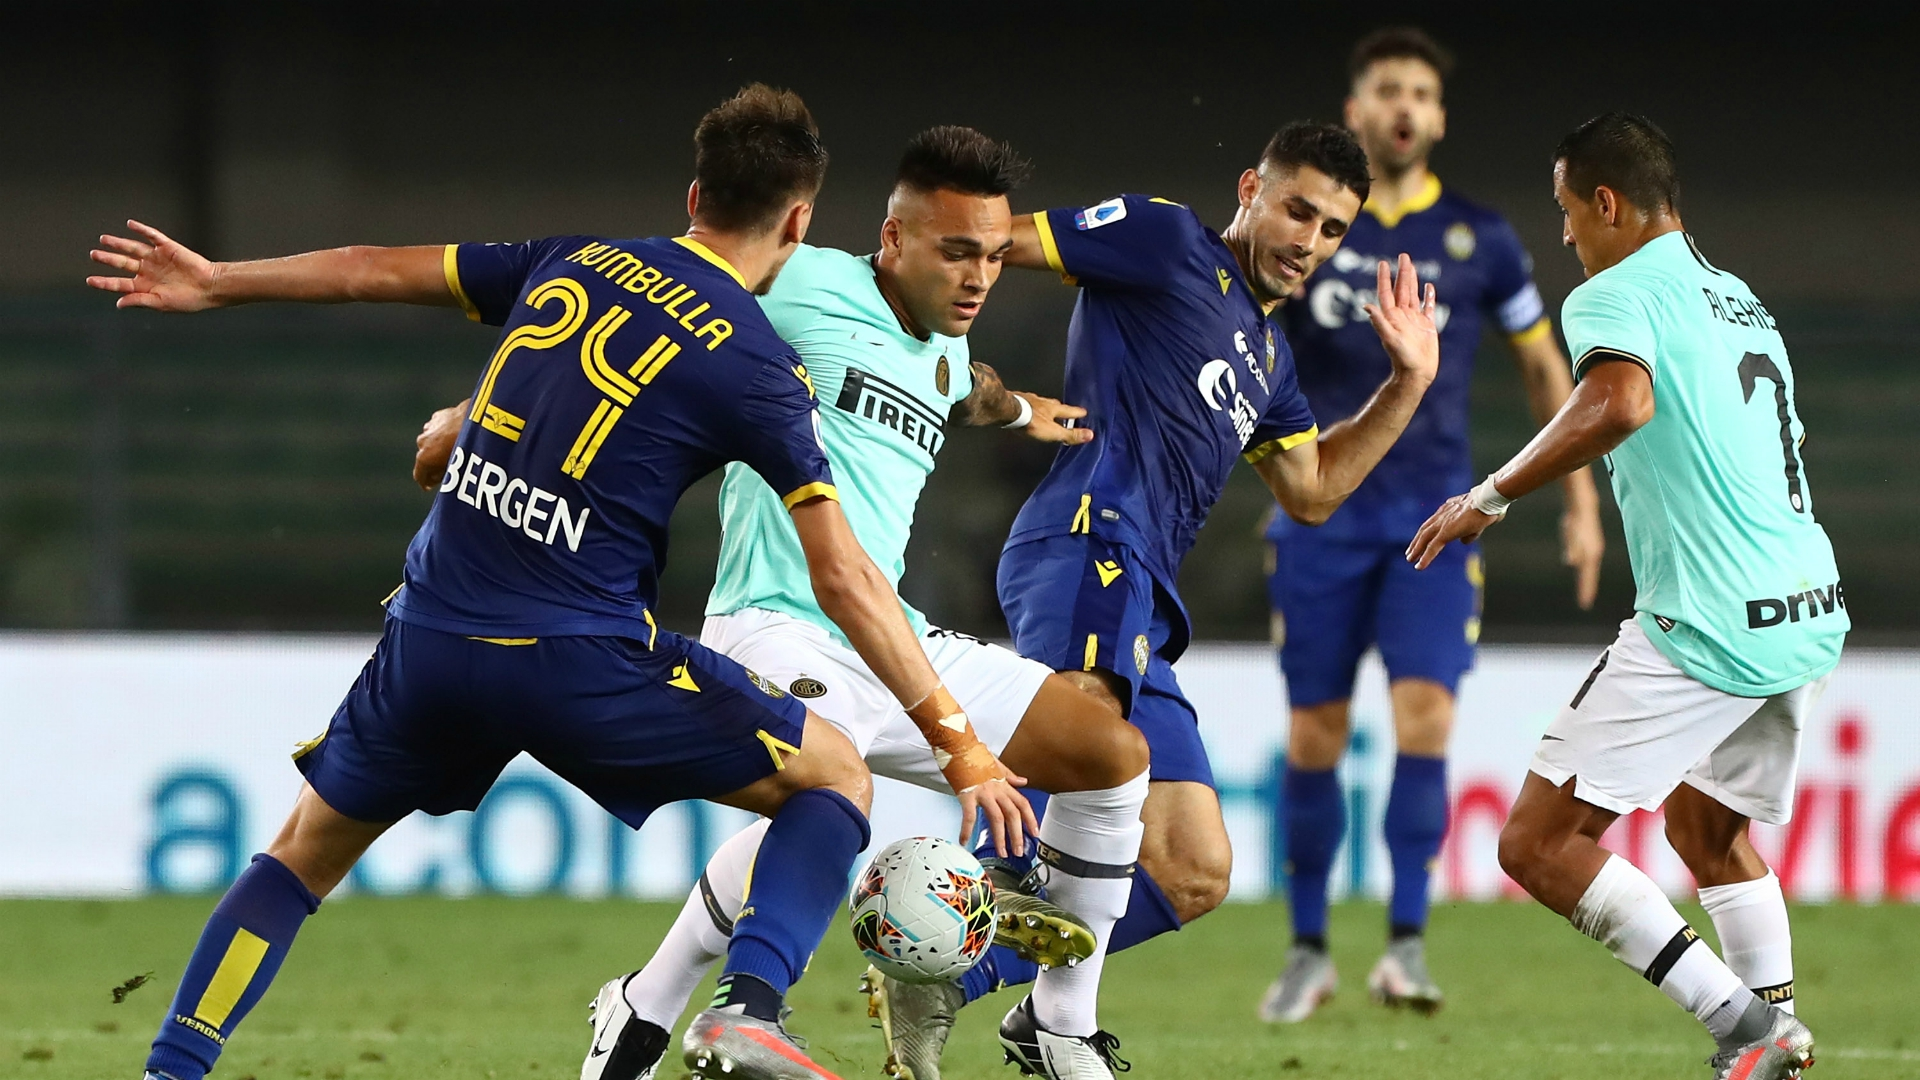 El Inter empata en Verona y se queda cuarto en Italia